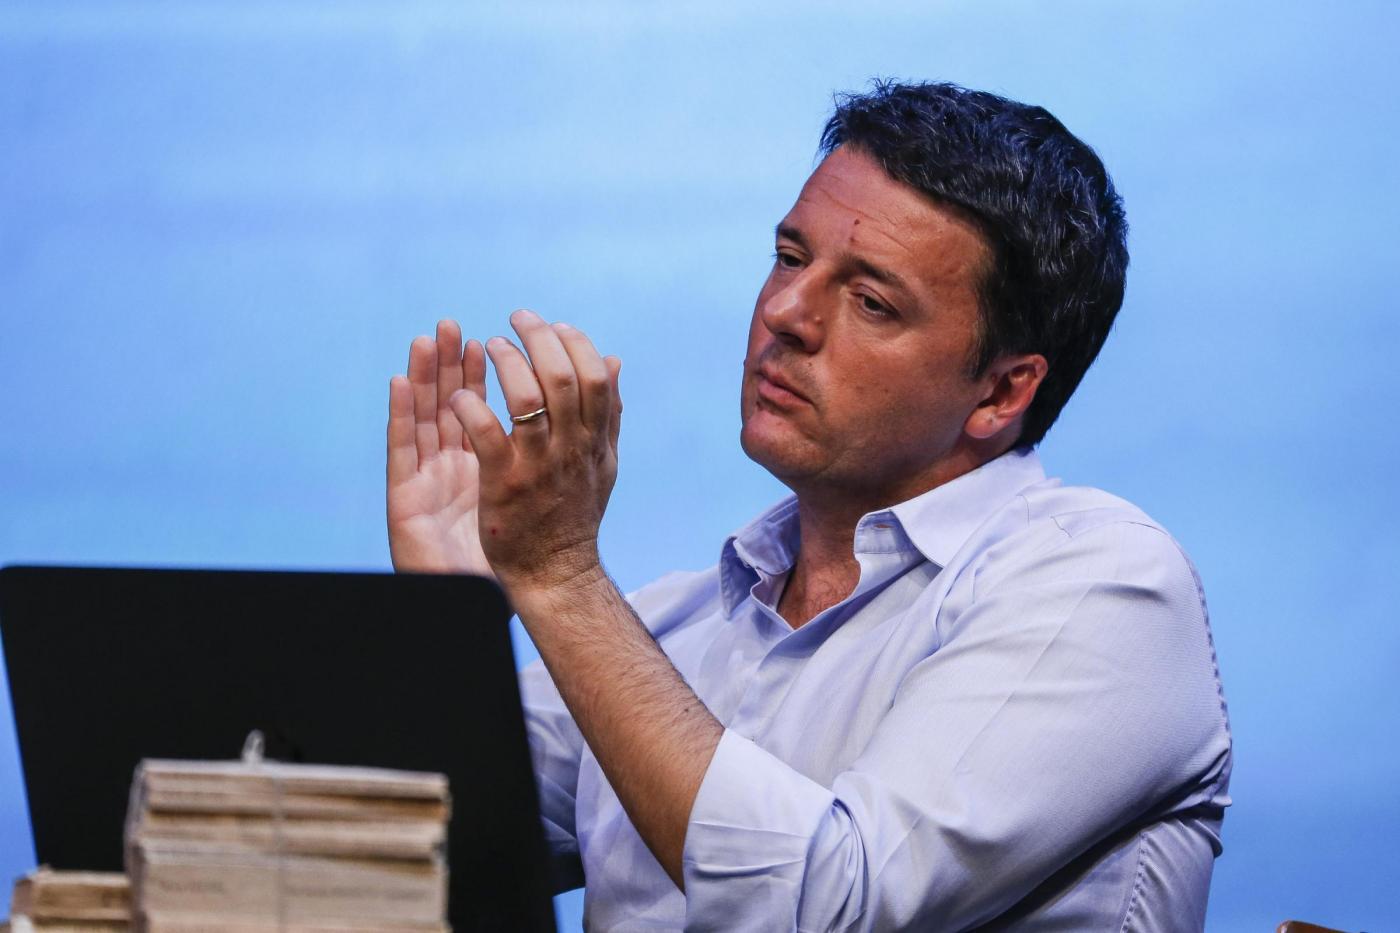 Leopolda a Firenze: Renzi conquista il Sì di Cuperlo al referendum